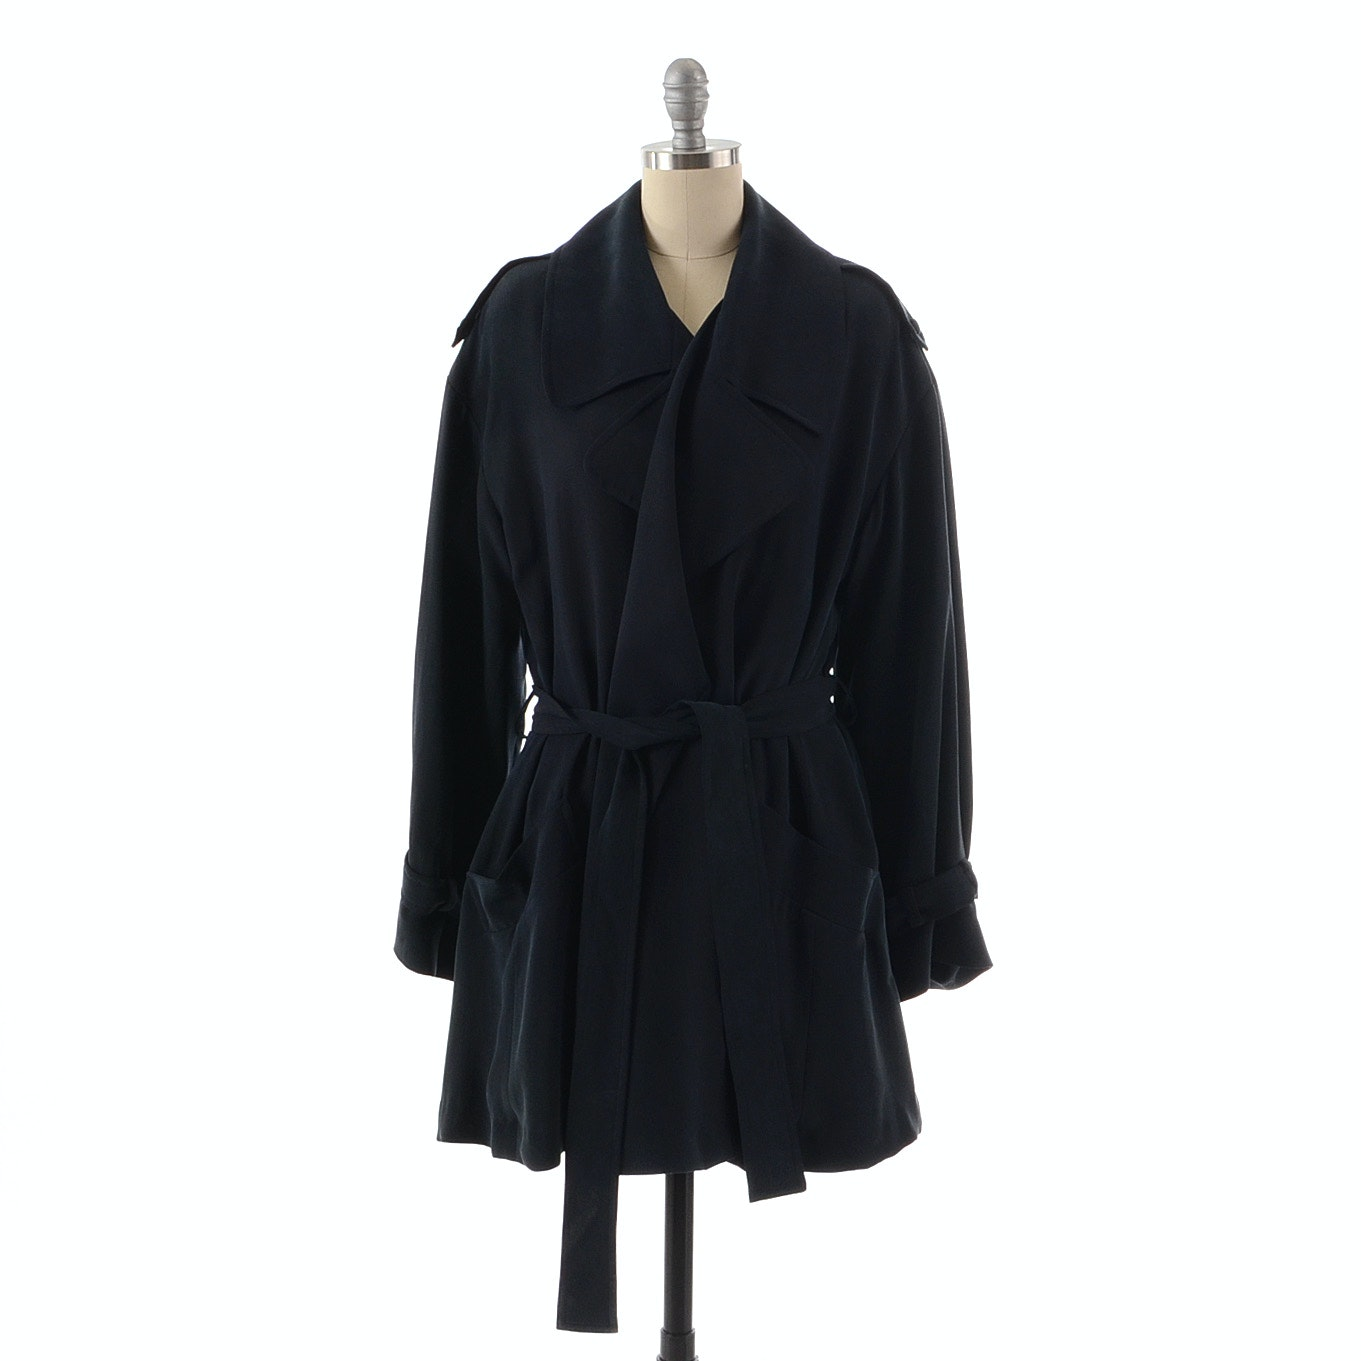 Donna Karan of New York Midnight Blue Silk Jacket with Tie Belt